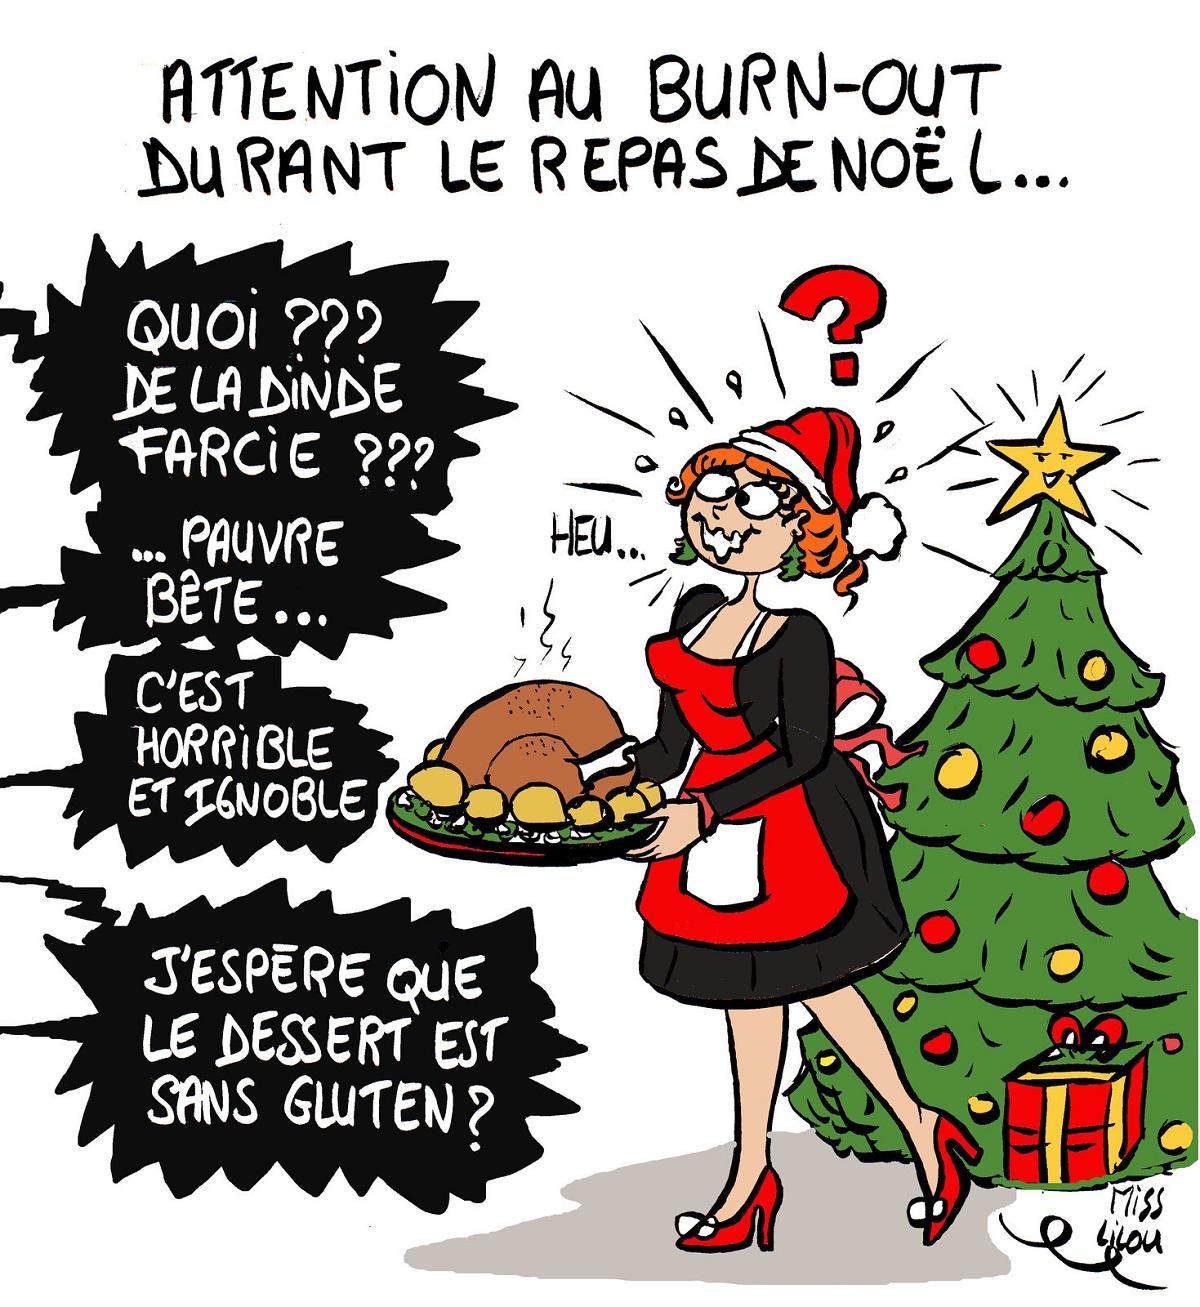 dessin humoristique d'une cuisinière de repas de Noël agressée par ses convives